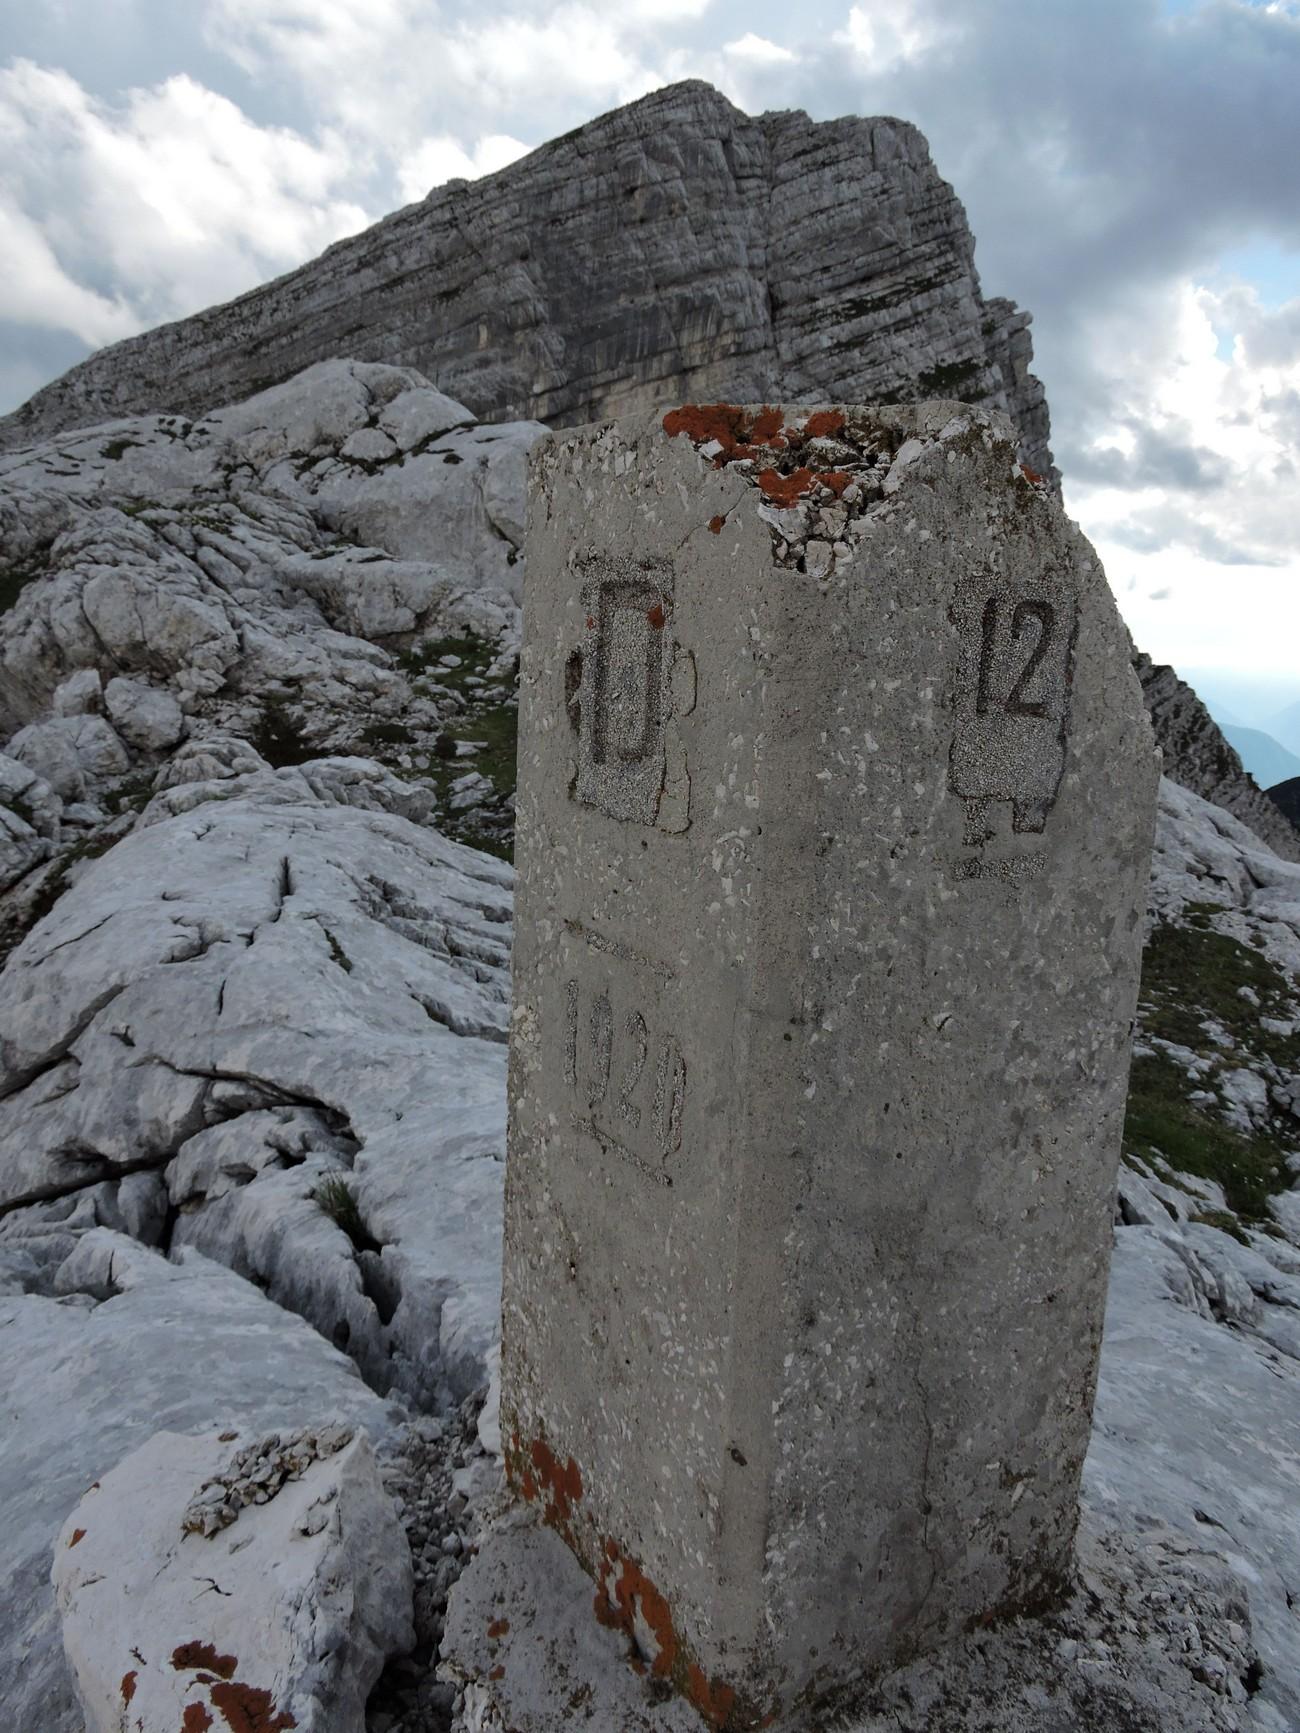 Sektorski mejnik št. 12 rapalske meje med Kraljevino Italijo in Kraljevino Jugoslavijo na Prehodavcih v Julijskih Alpah, ki je ostal mejnik tudi v času druge svetovne vojne, ko je razmejeval Italijo in Nemčijo. Sektorski mejniki so bili visoki en meter in široki 40 cm. Črka »D« je označevala Nemčijo. Letnica 1920 označuje leto podpisa rapalske pogodbe. Avtor fotografije: Matija Zorn.